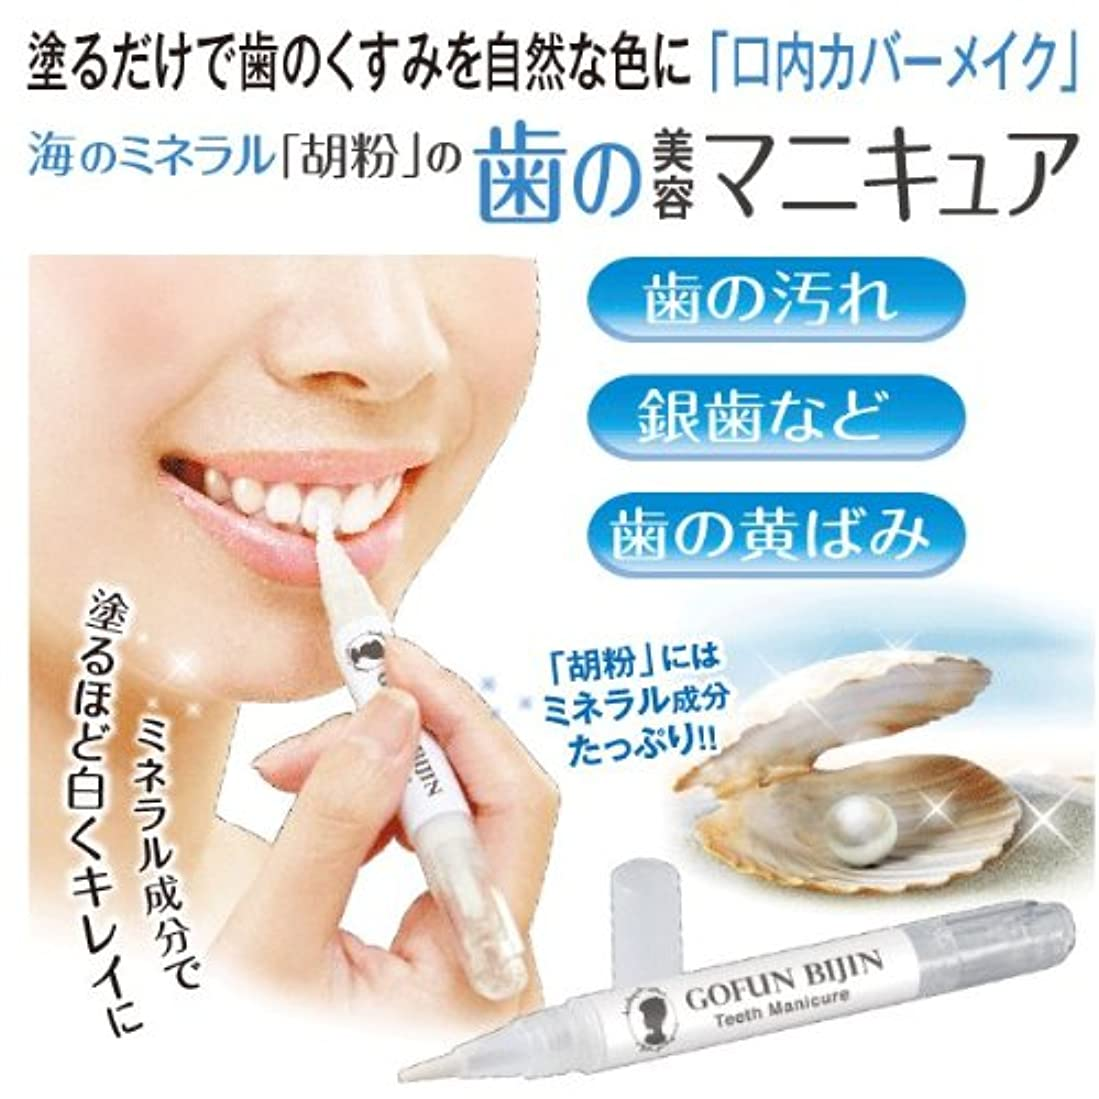 海上医師私たちのもの胡粉美人 歯マニキュア 歯にミネラルを補給してキレイに